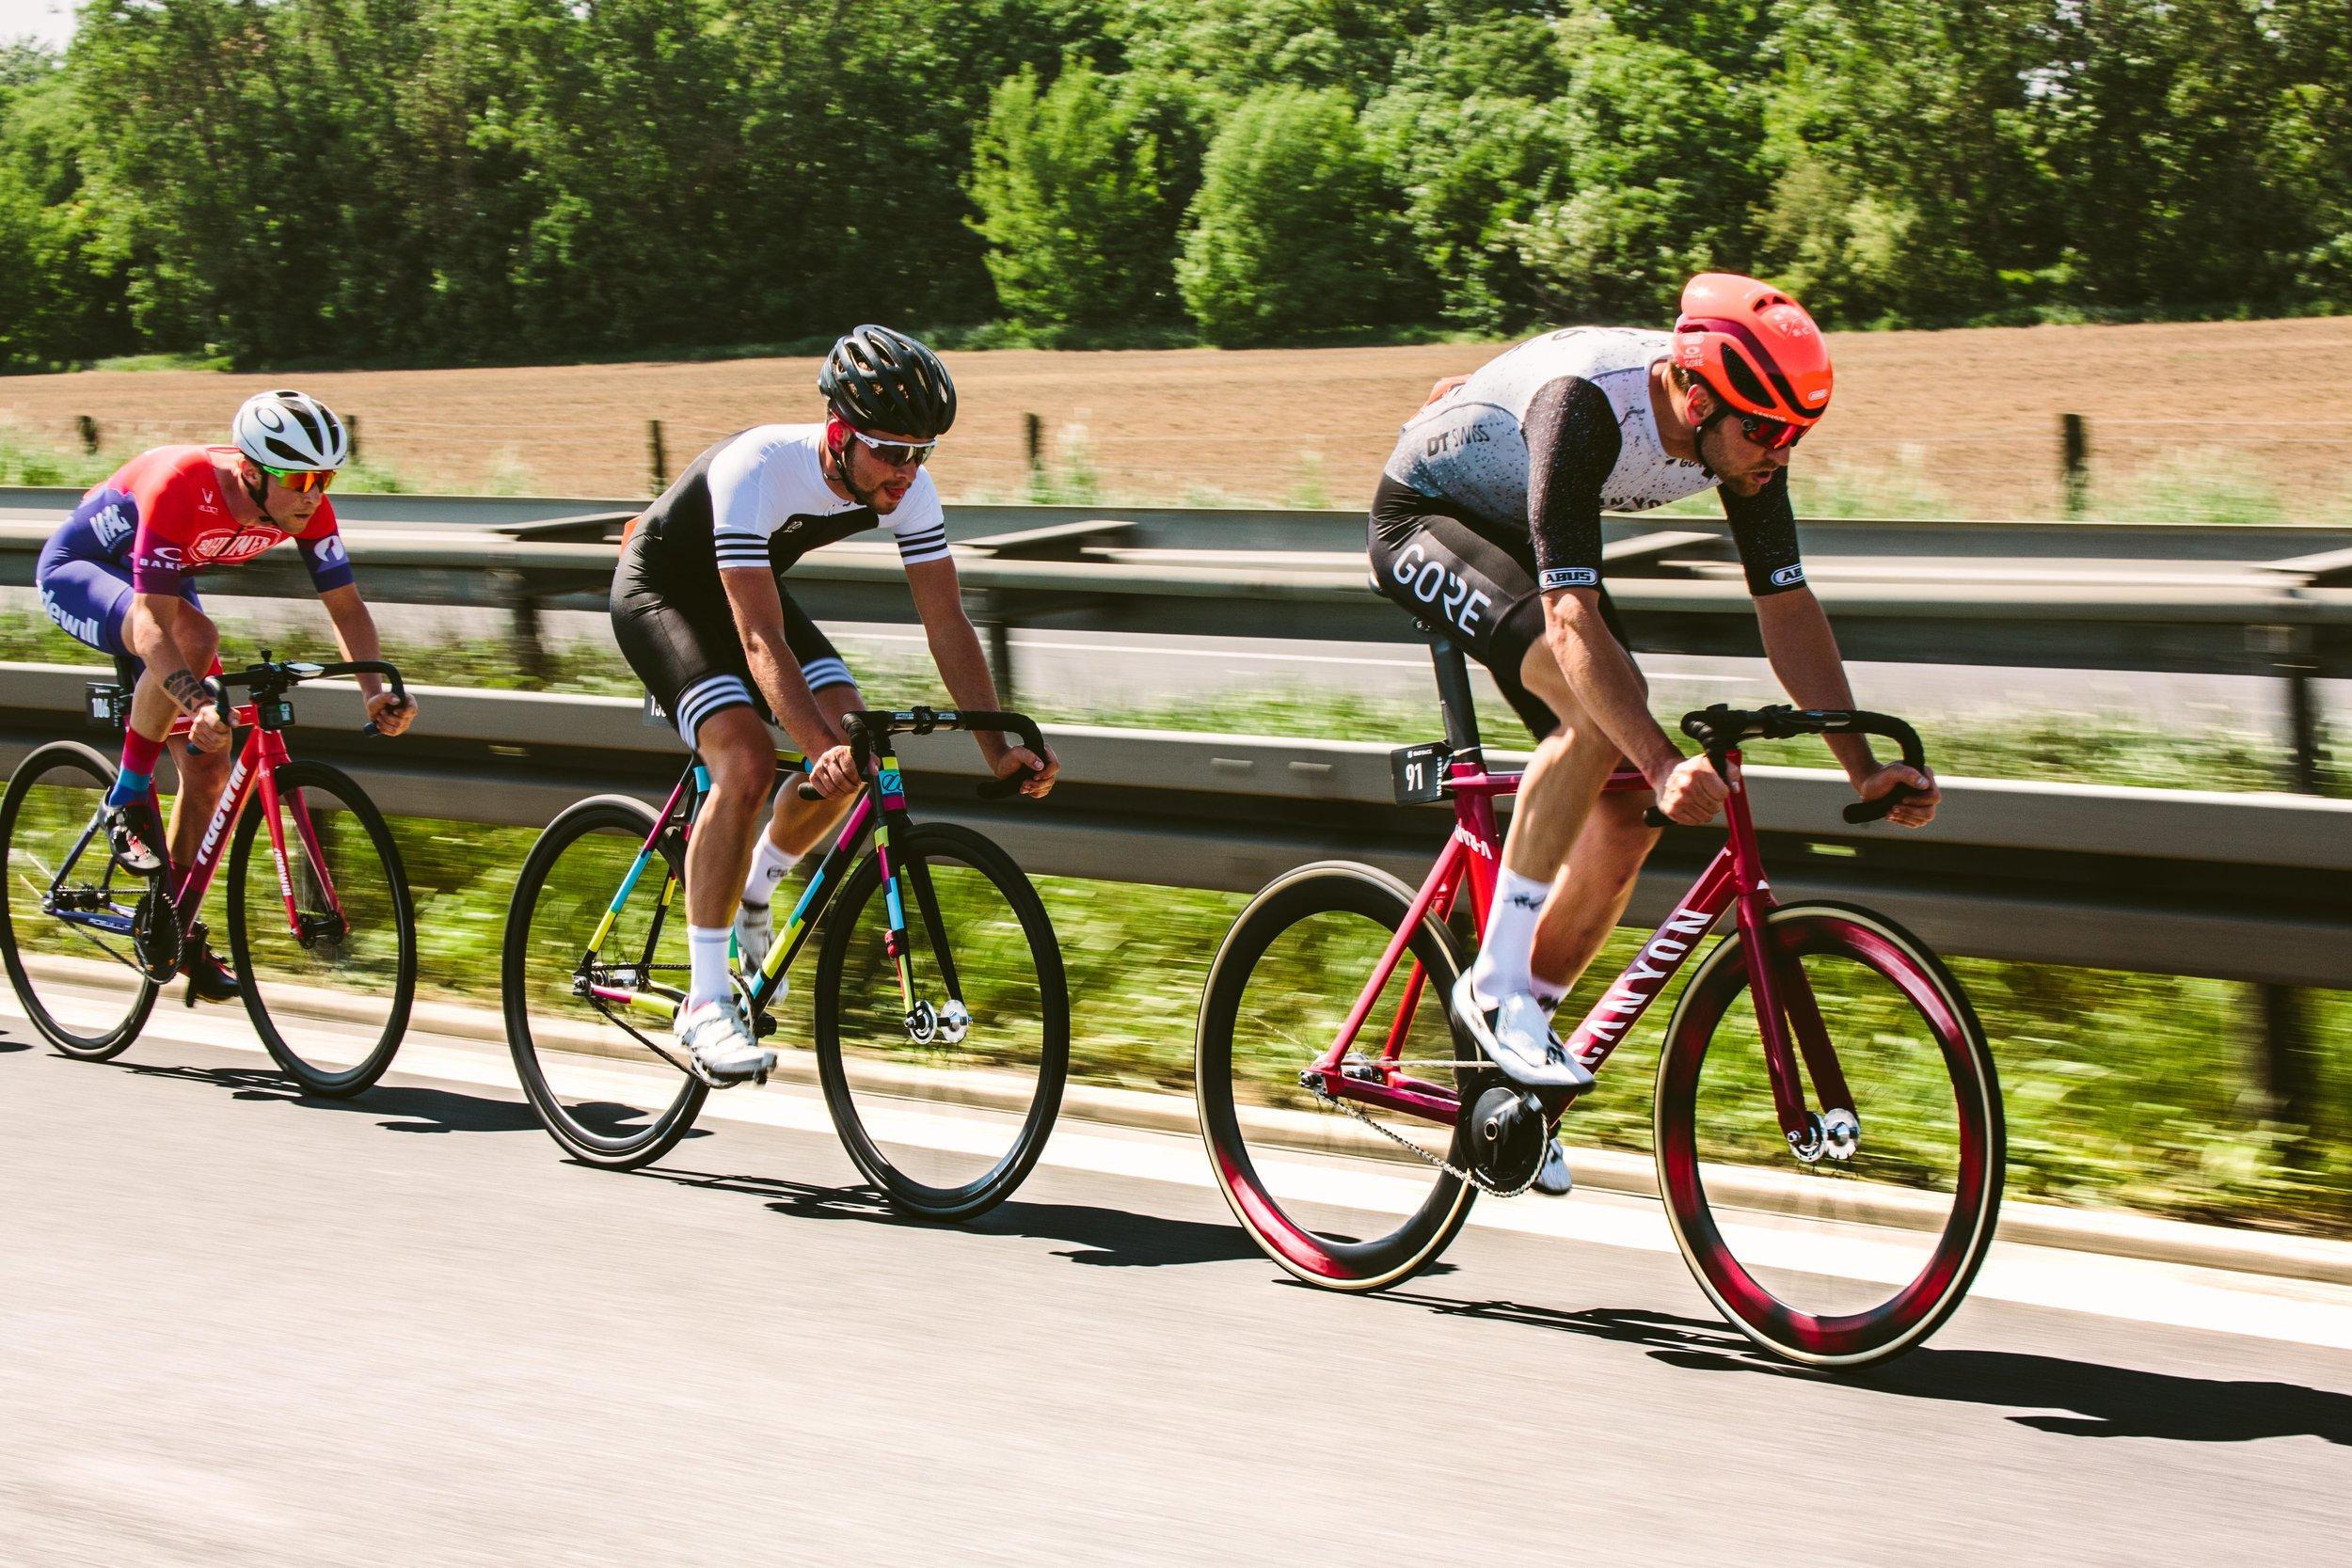 RadRace_Fixed42_Raceday_BengtStiller-0992.jpg